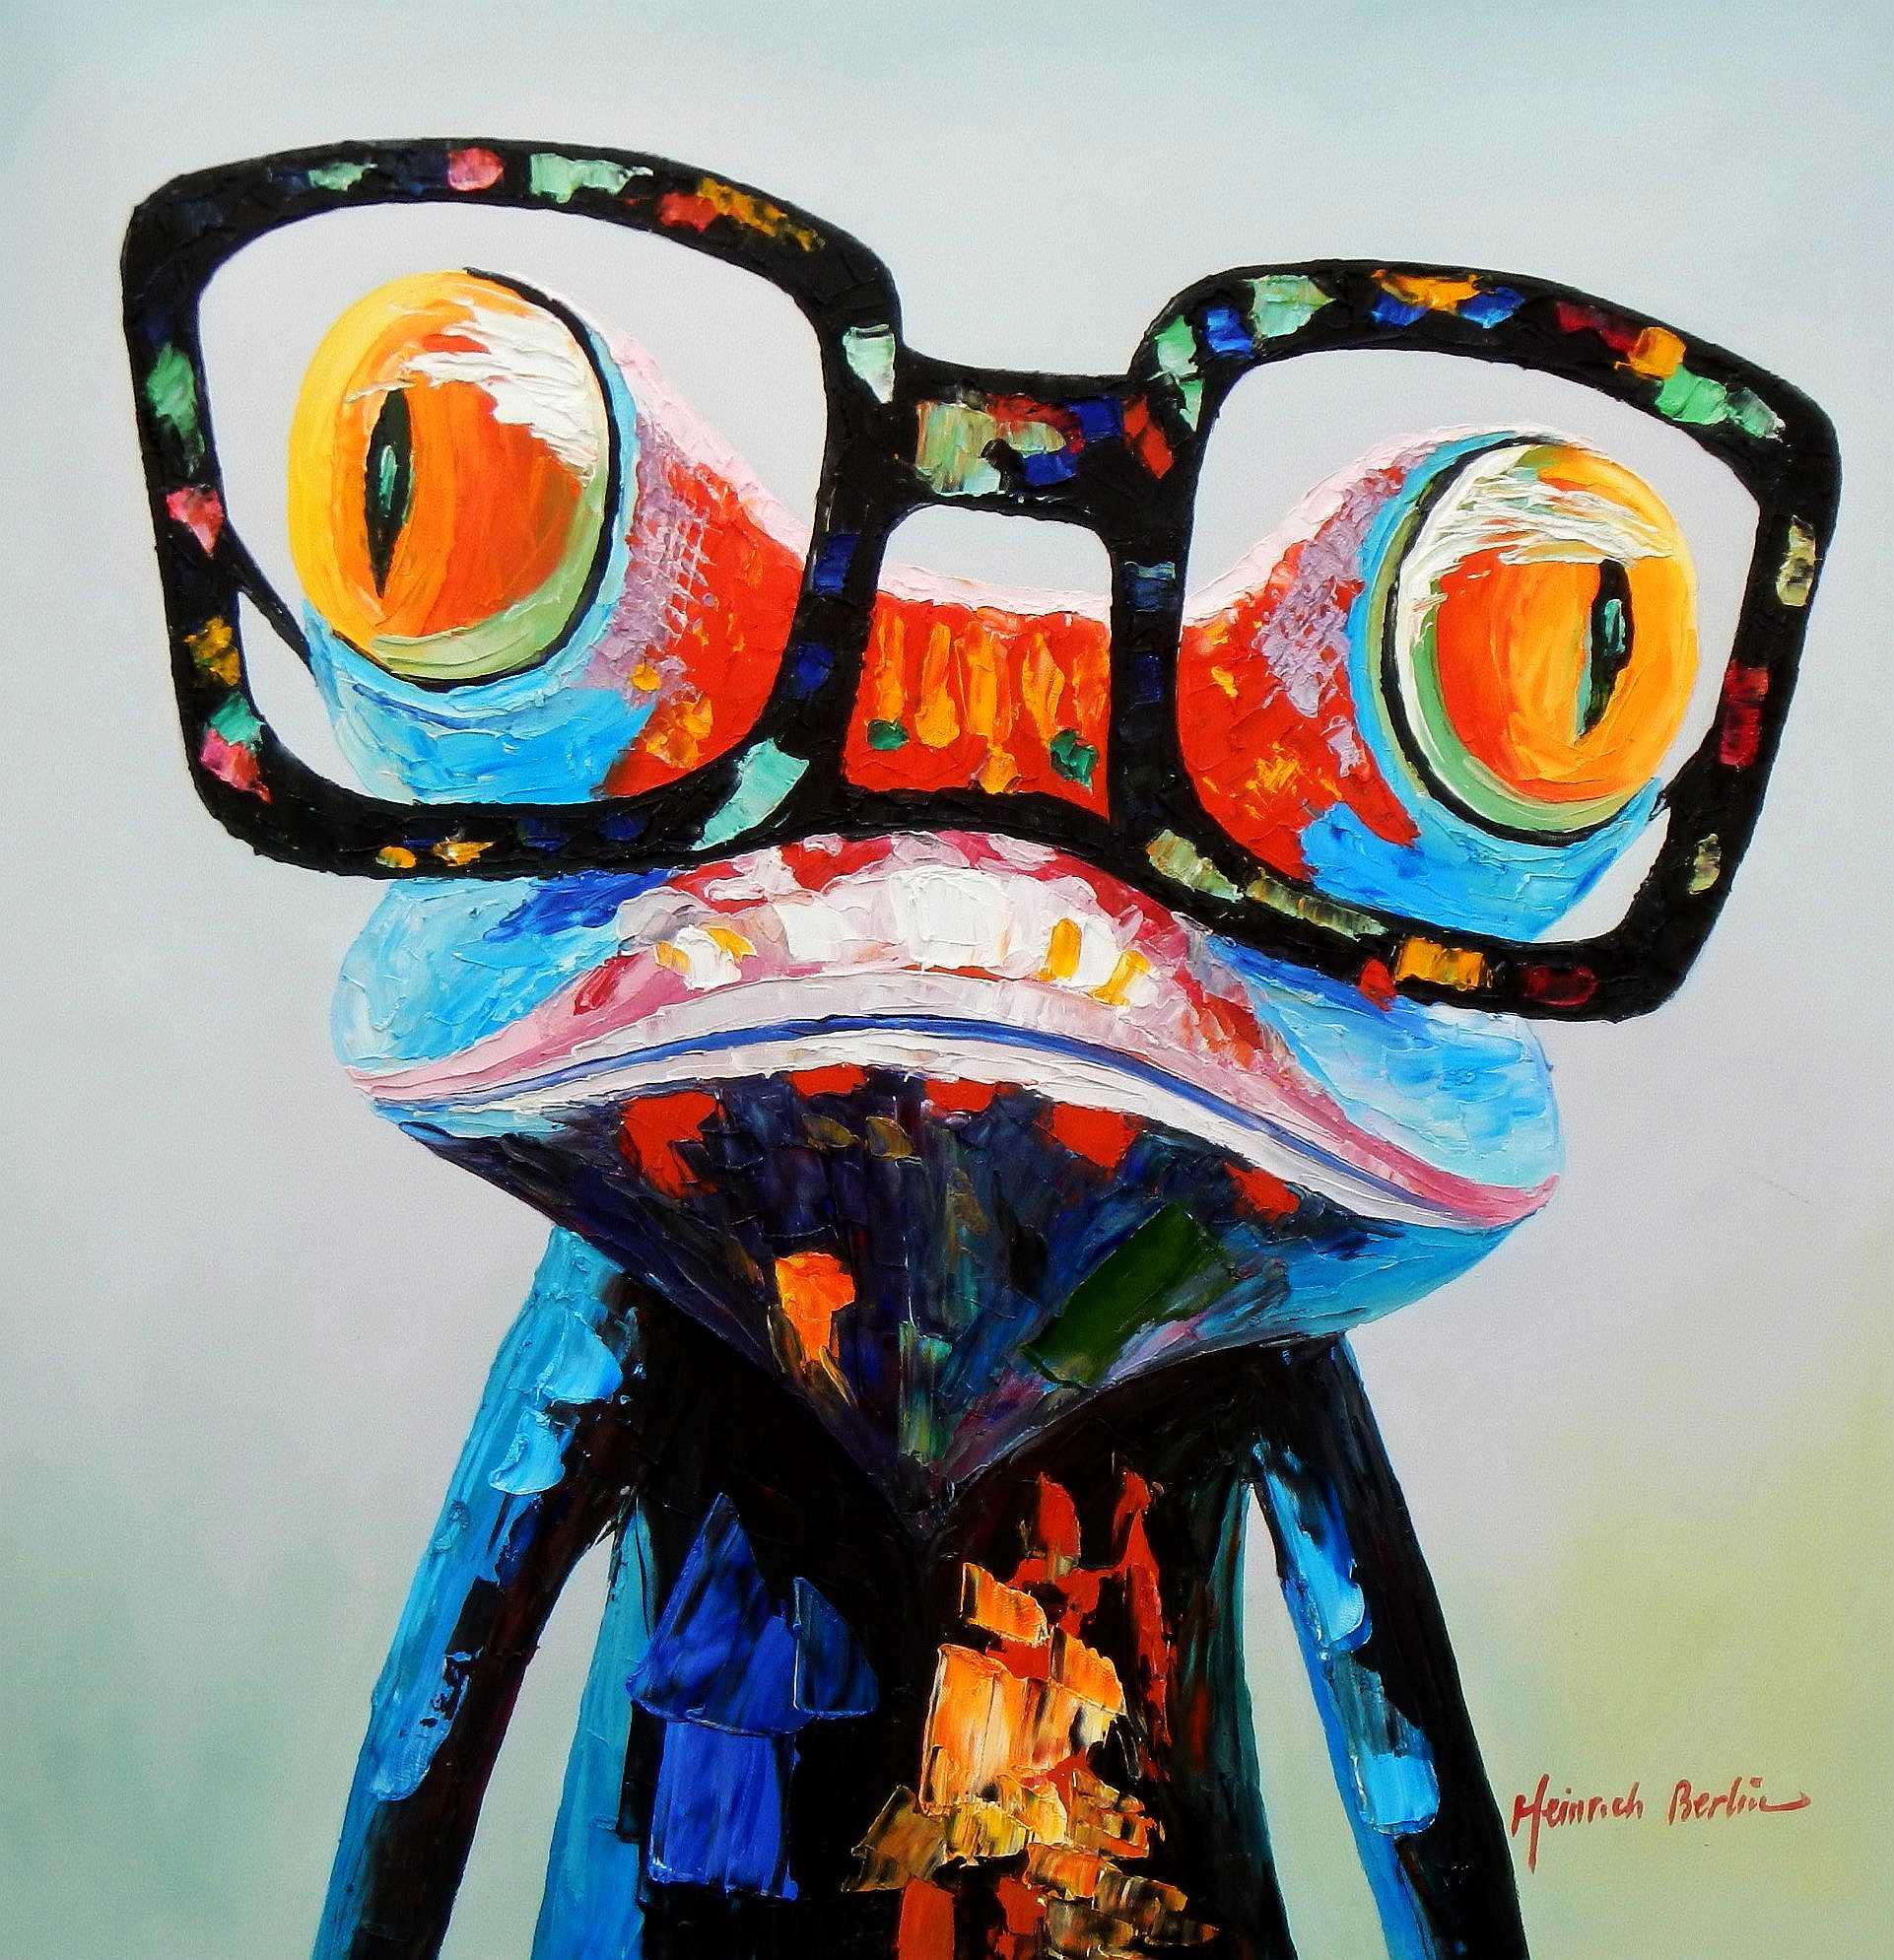 Modern Art - Woody der Frosch g94971 80x80cm fantastisches Ölbild